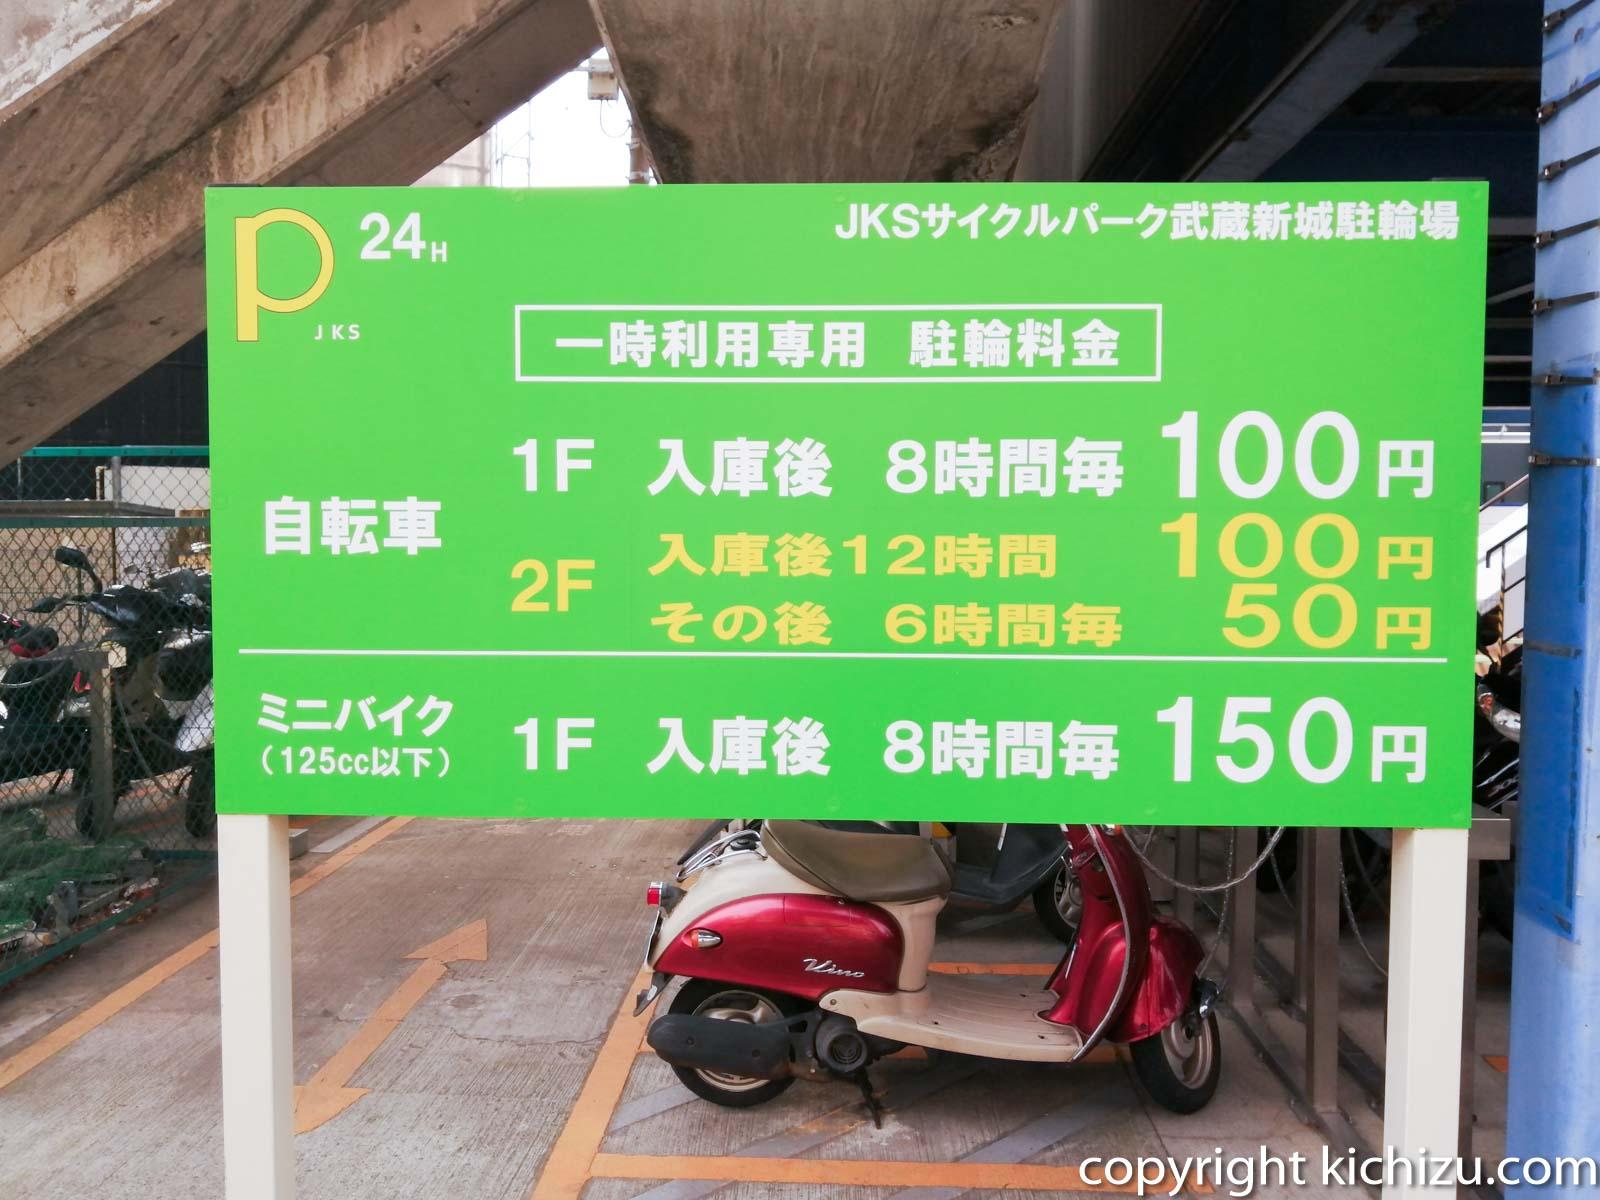 バイク駐車料金